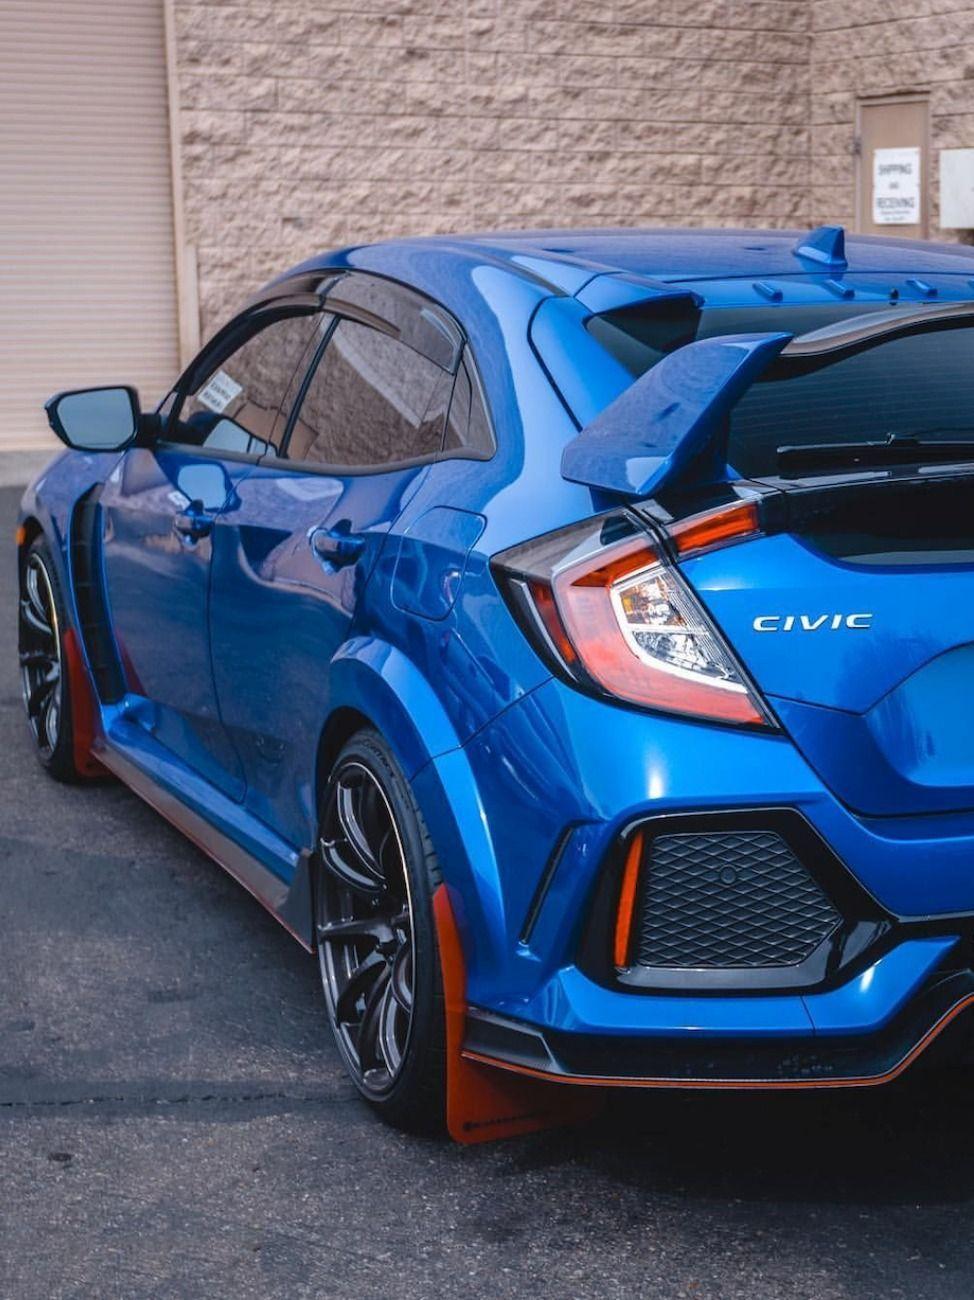 Type R Civic Autos Und Motorrader Autos Folierung